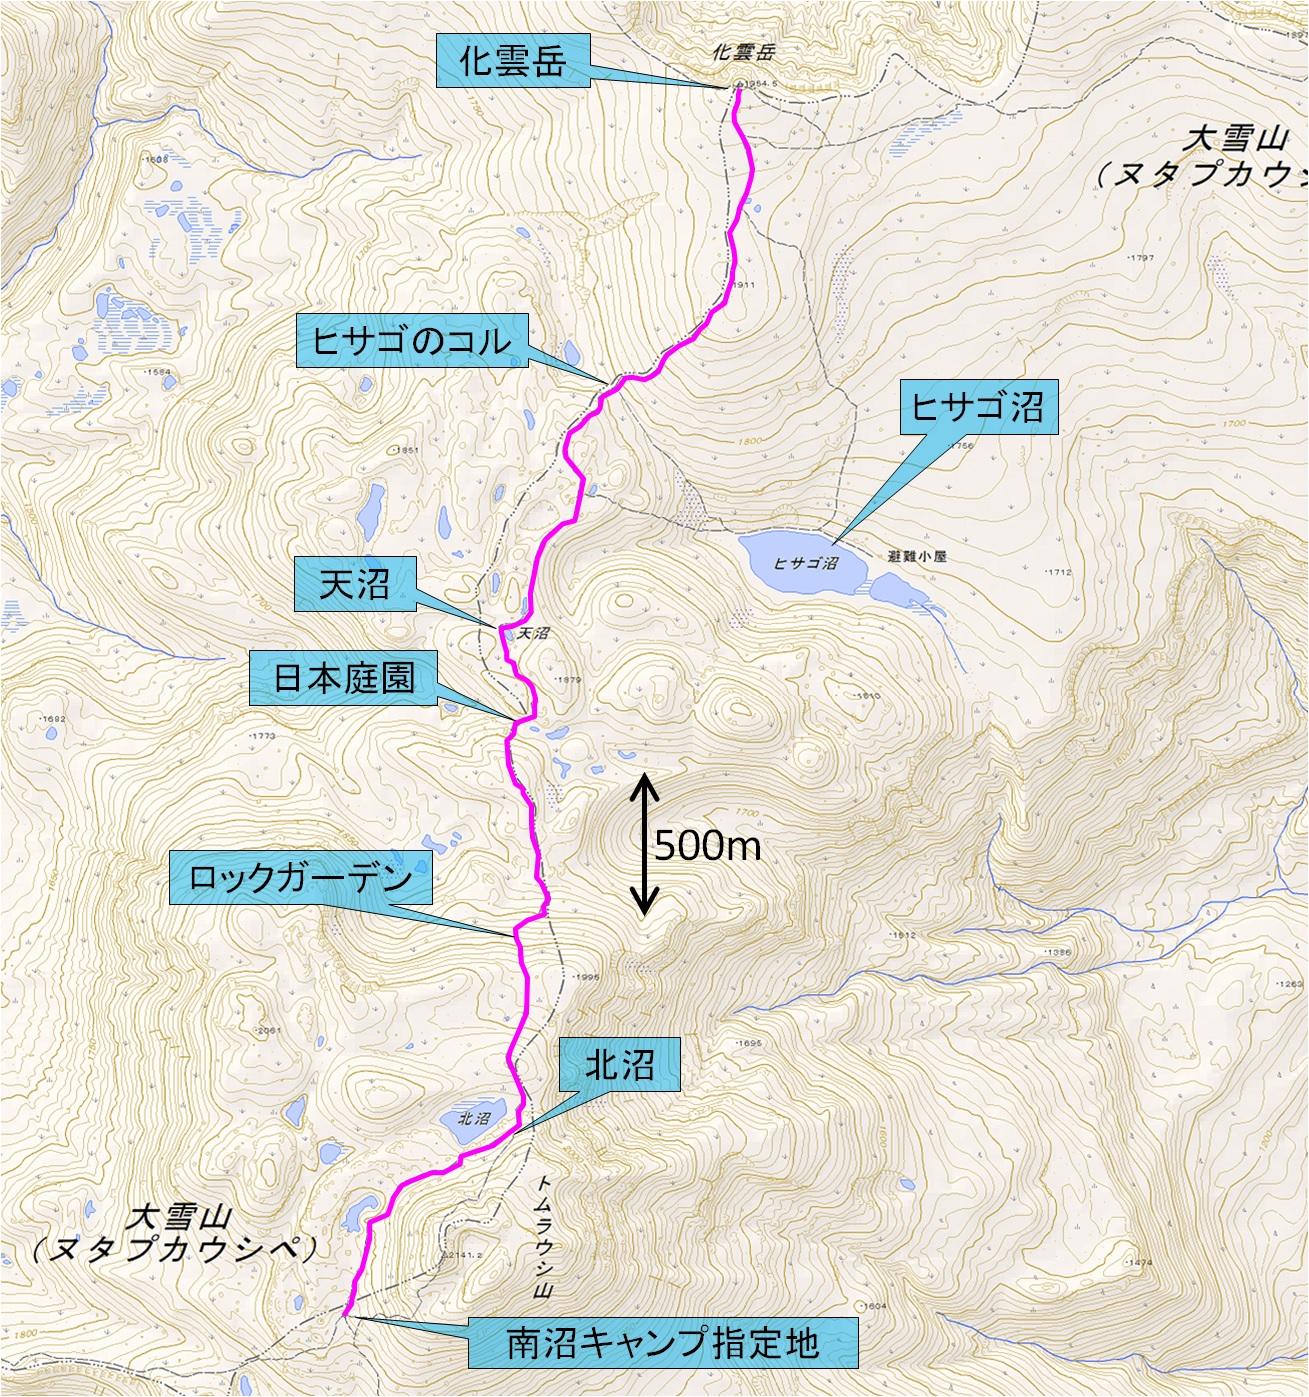 化雲岳マップ